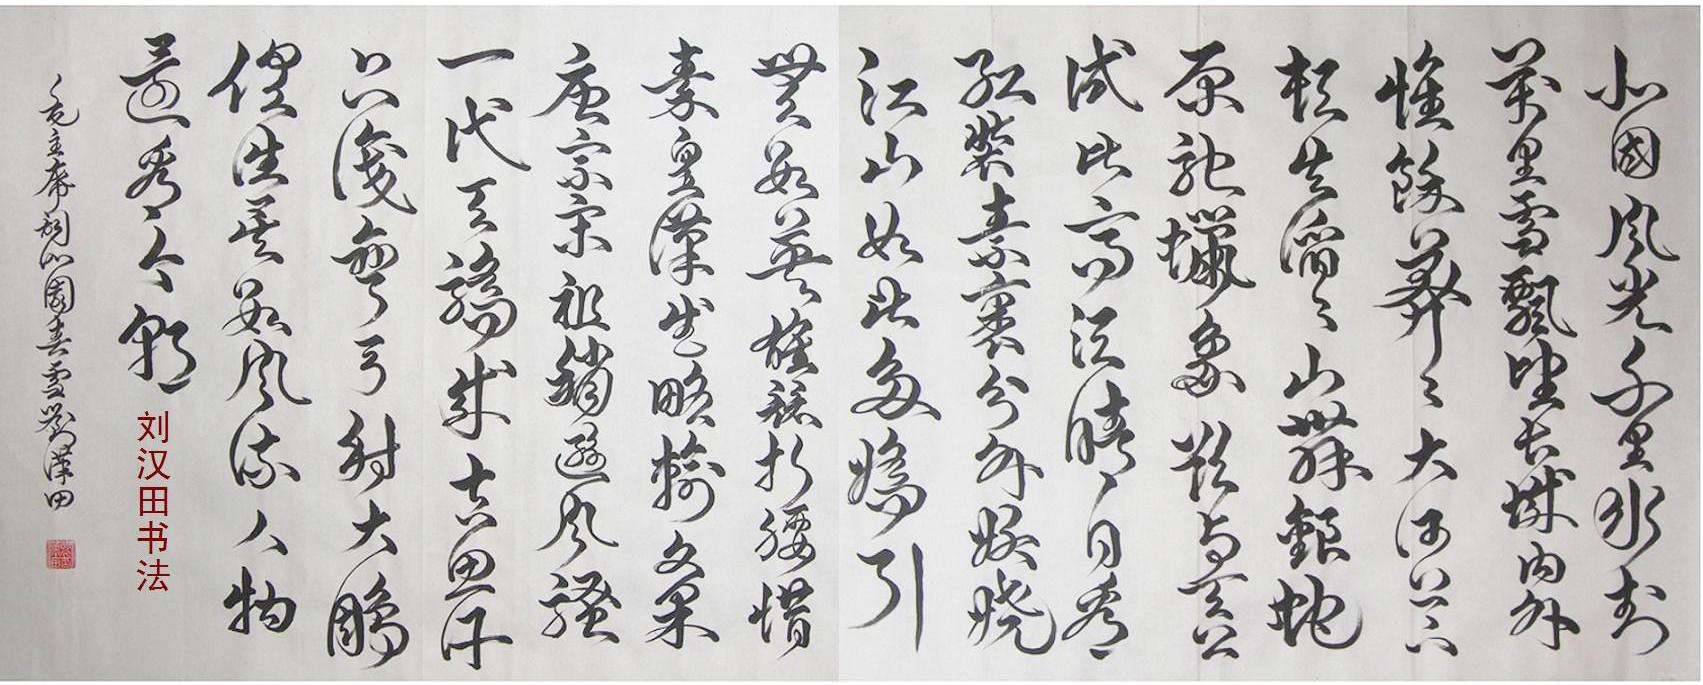 【原创】丈二草书大横幅:毛泽东词《沁园春・雪》(两张照片) ... ... ... ... ... . ..._图1-3